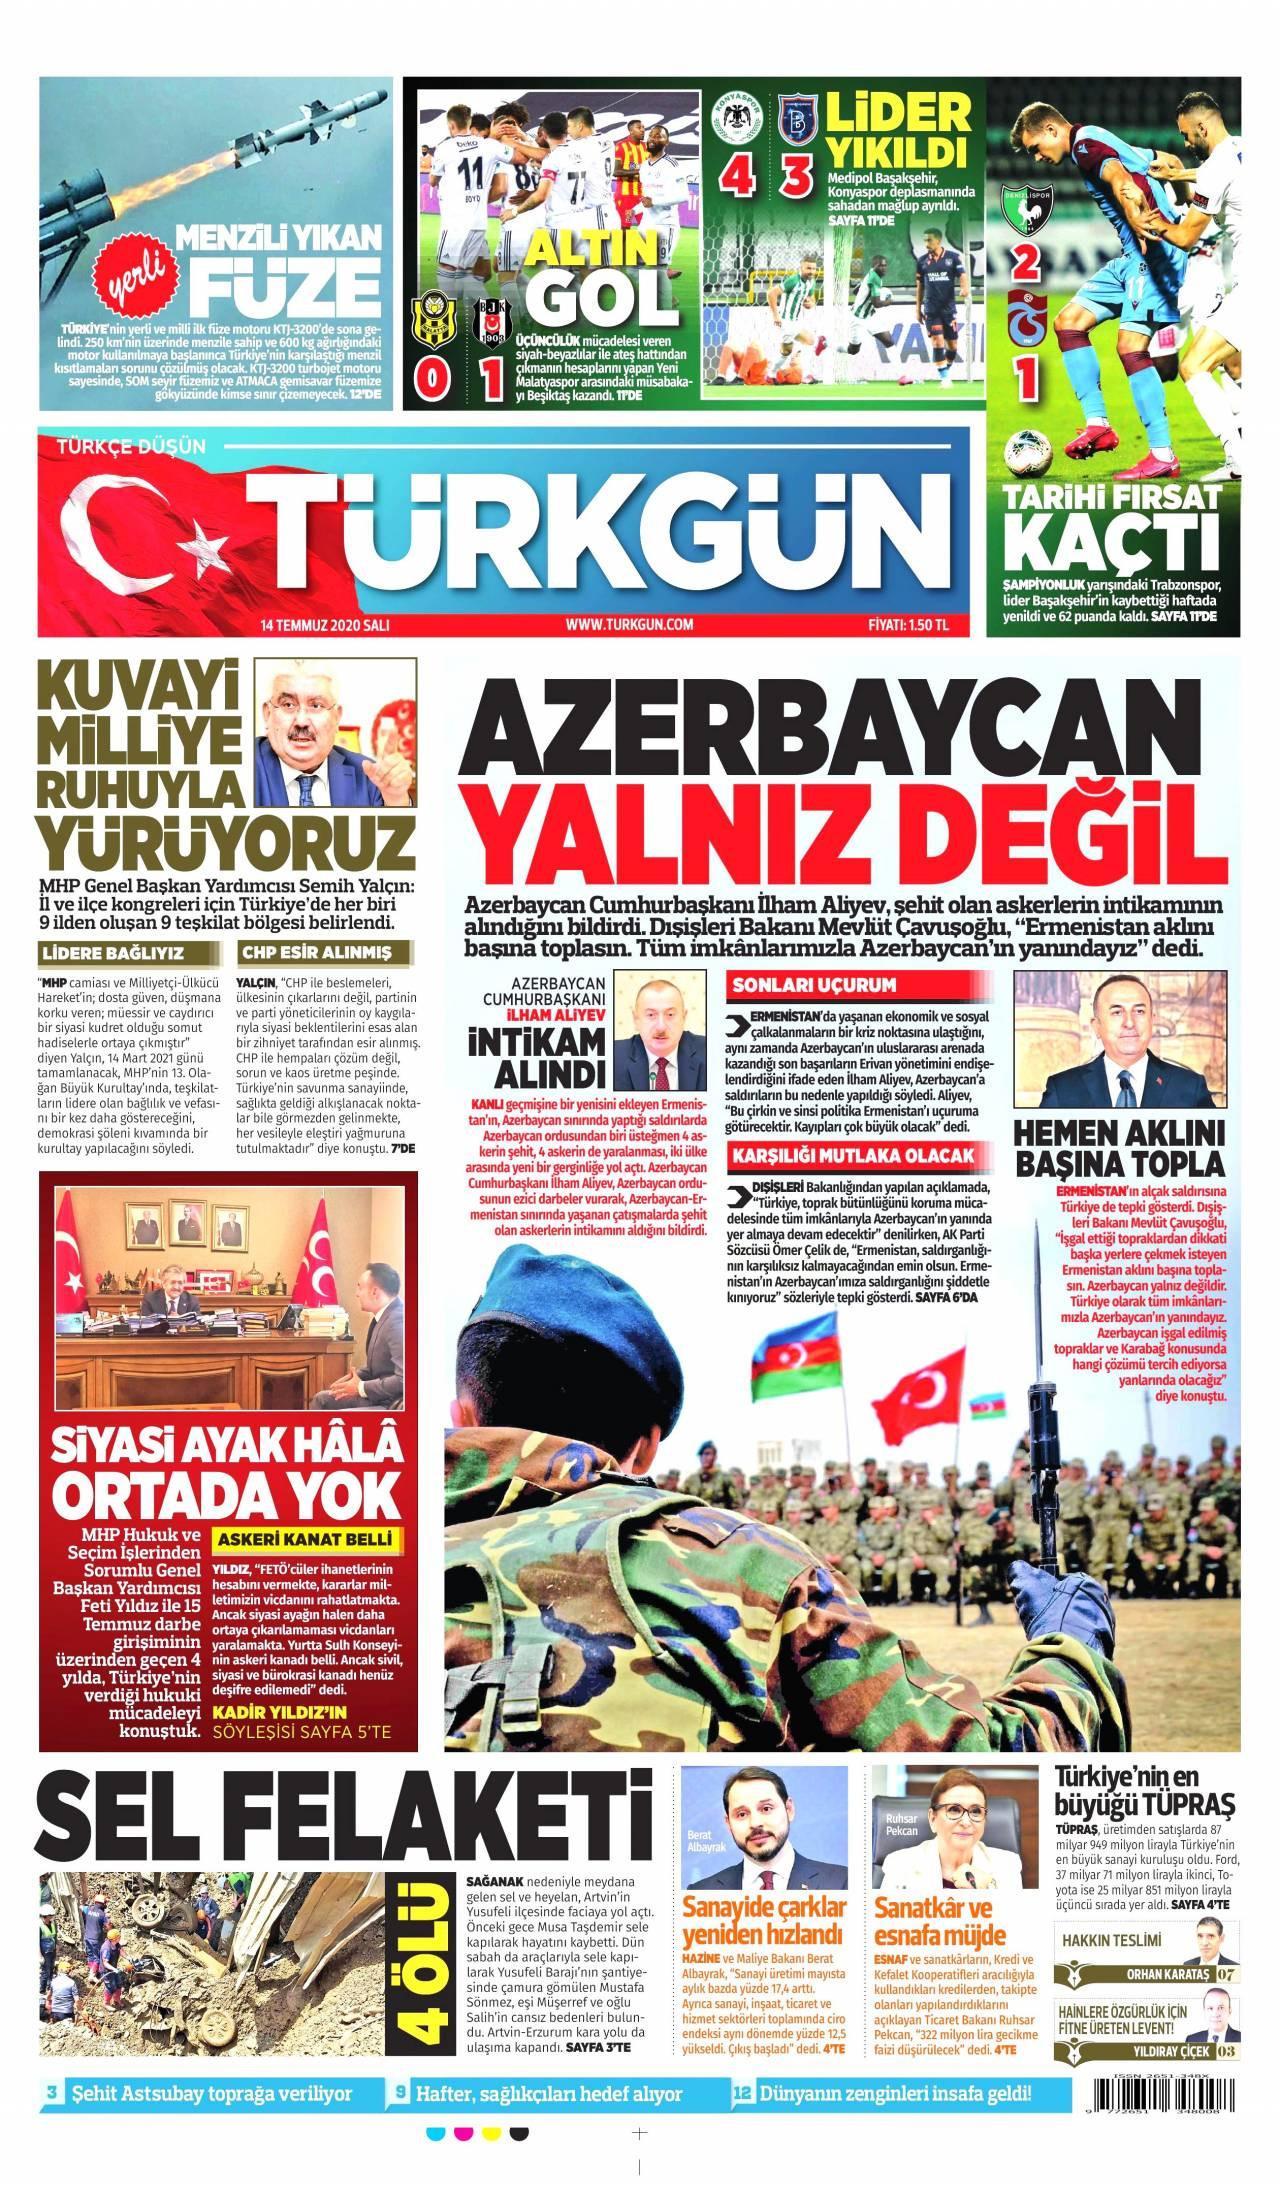 Türkgün gazetesi manşet ilk sayfa oku